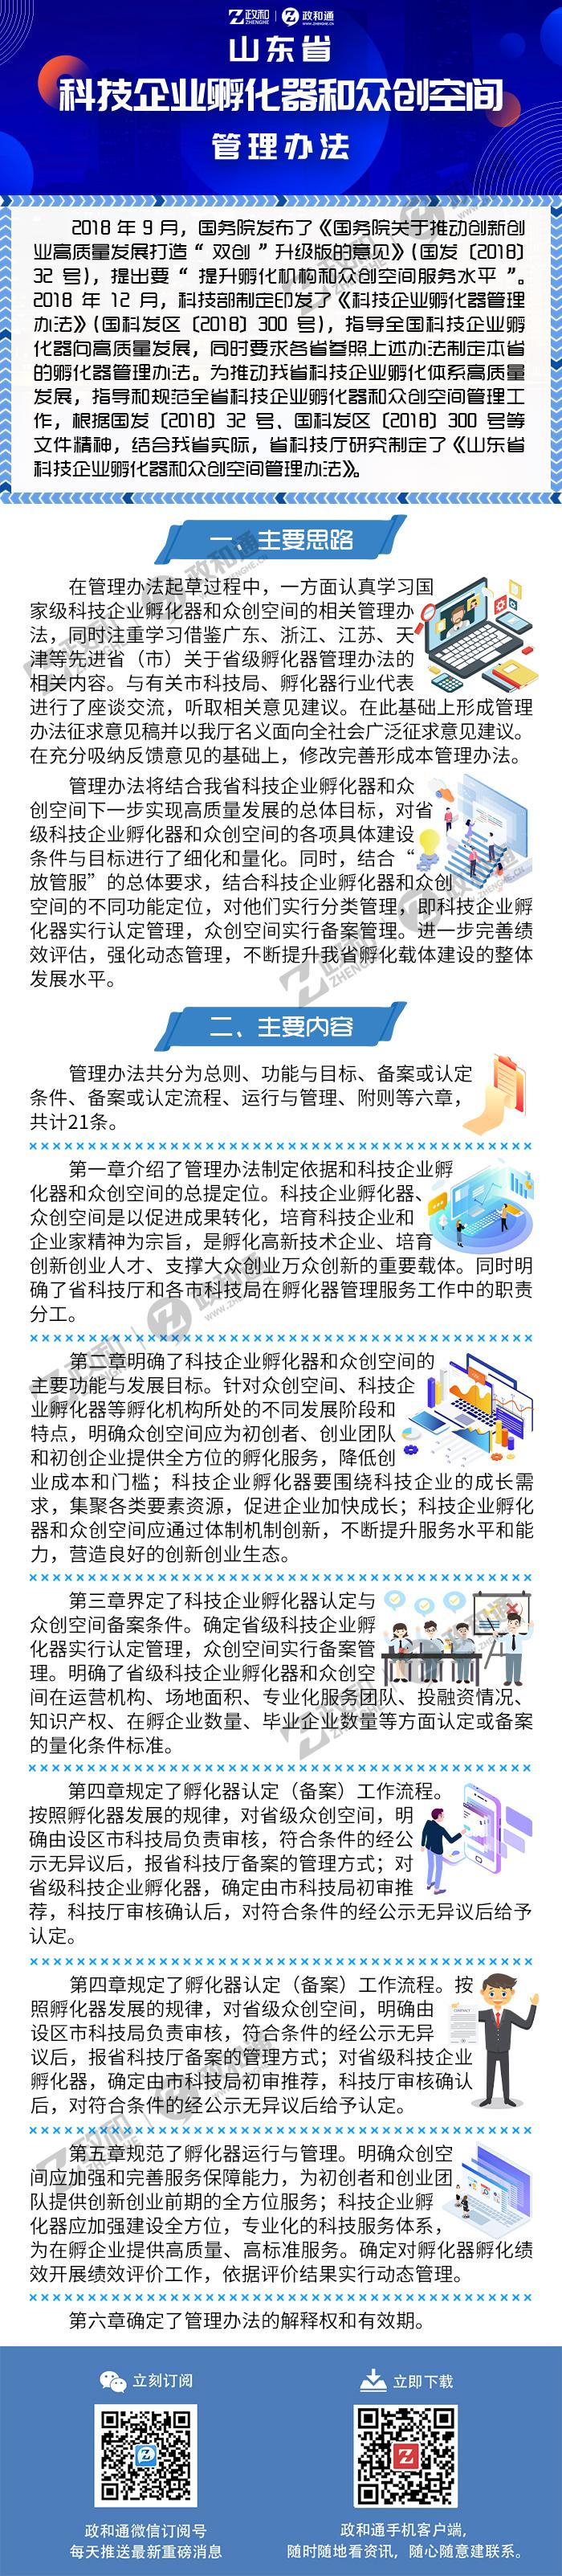 山东省科技企业孵化器和众创空间管理办法.jpg